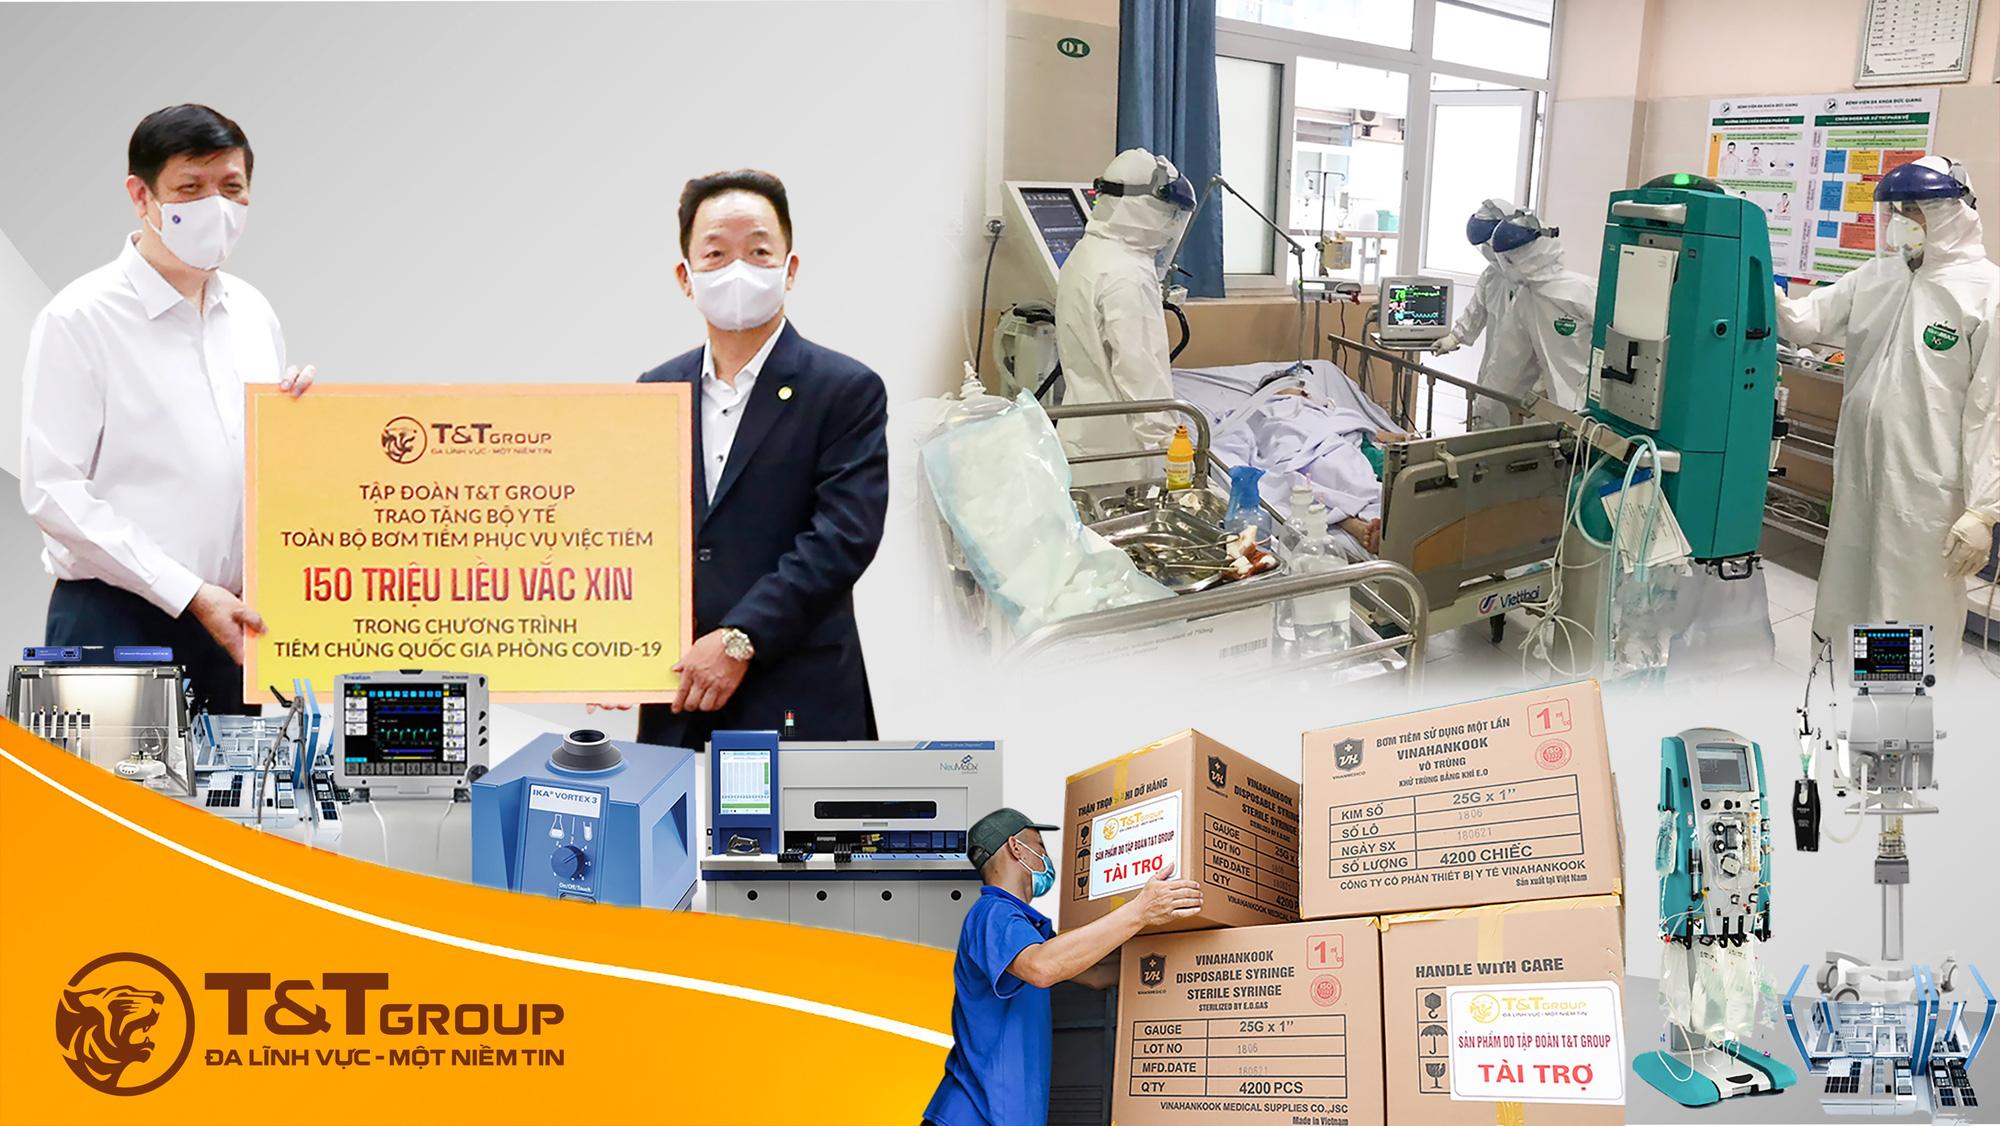 T&T Group tài trợ 20 tỷ đồng mua trang thiết bị y tế giúp một số địa phương phòng, chống dịch COVID-19 - Ảnh 4.